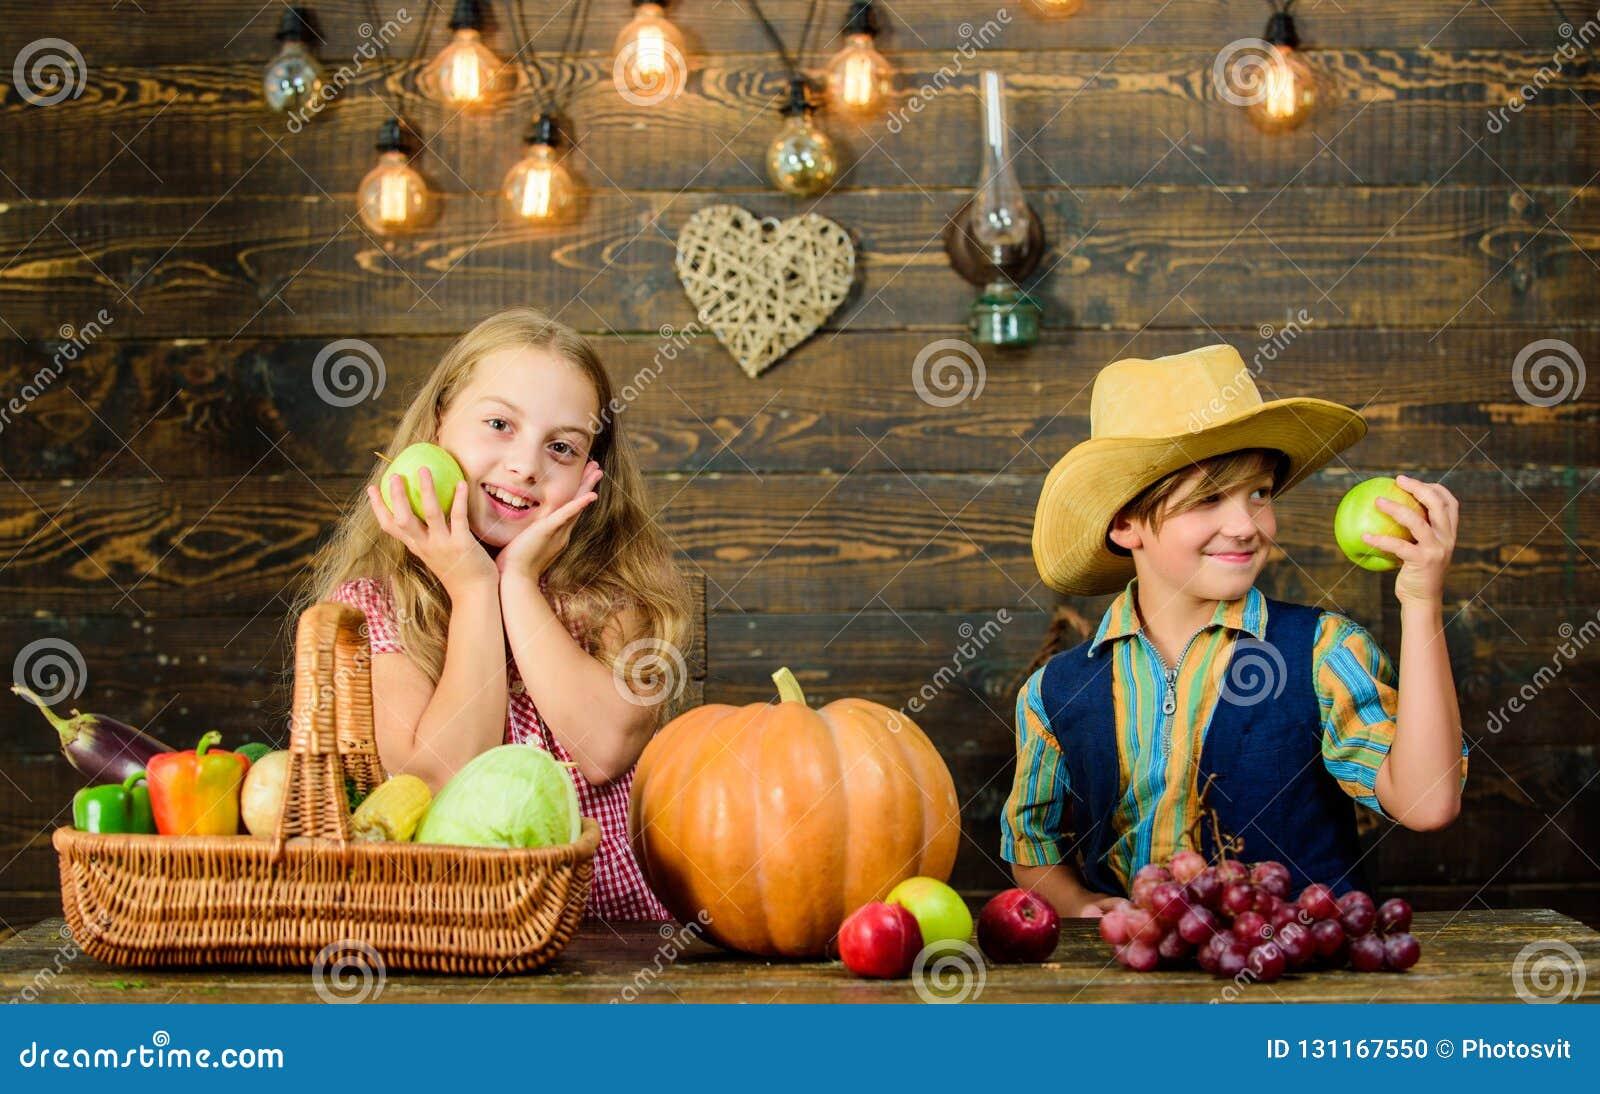 Отпразднуйте фестиваль сбора Дети представляя сбору vegetable деревянную предпосылку Овощи мальчика девушки детей свежие